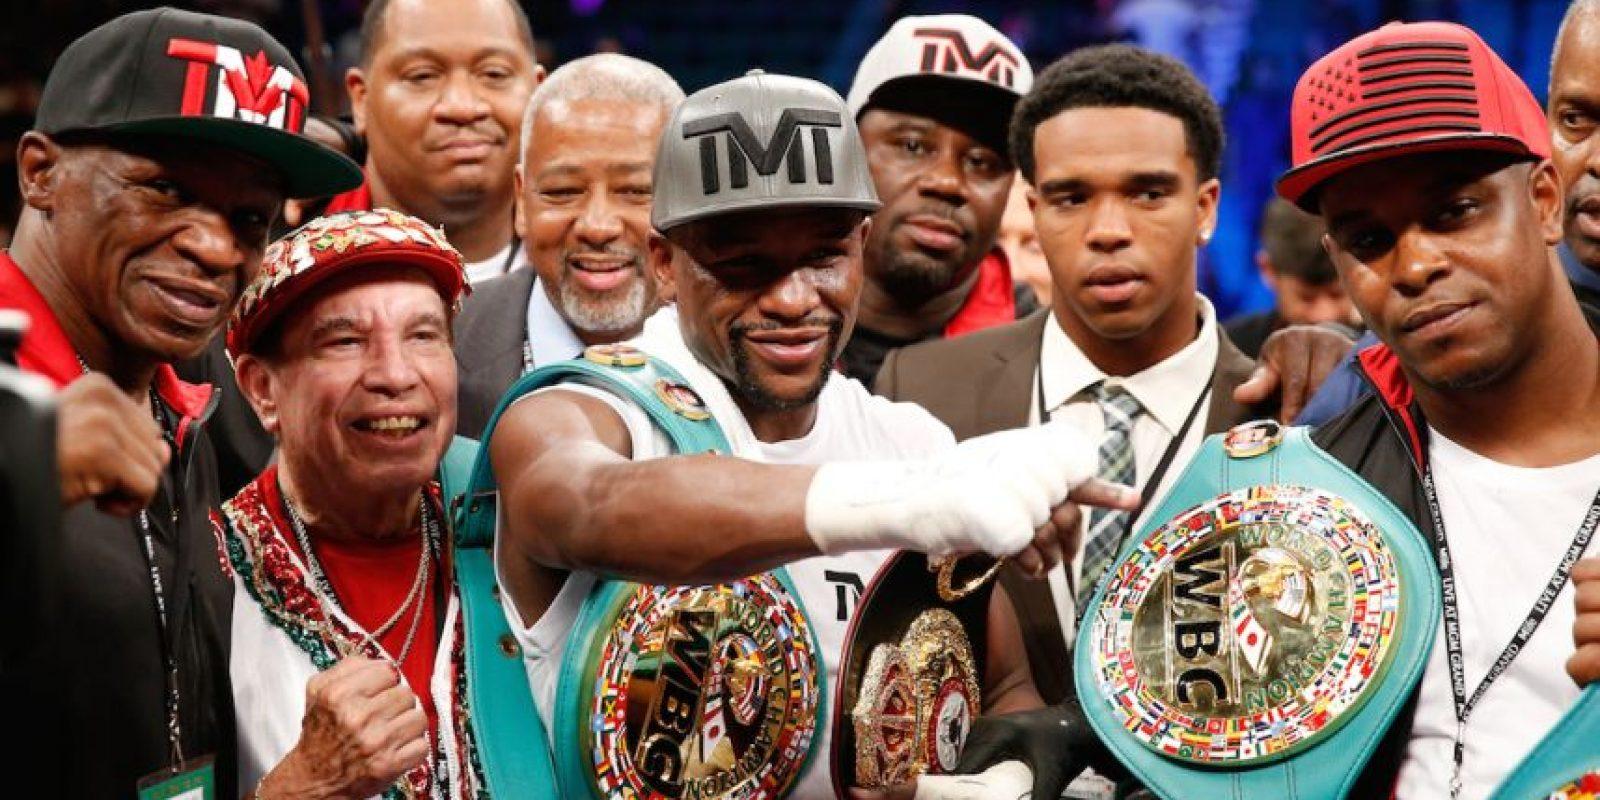 """""""Money"""" se retiró el pasado 13 de septiembre con una marca de 49-0, es decir, invicto. El boxeador estadounidense enfrentó a diversos rivales, pero ninguno de ellos fue capaz de derrotarlo razón por la cual Mayweather se considera """"The Best Ever"""" (el mejor de todos los tiempos). Foto:Getty Images"""